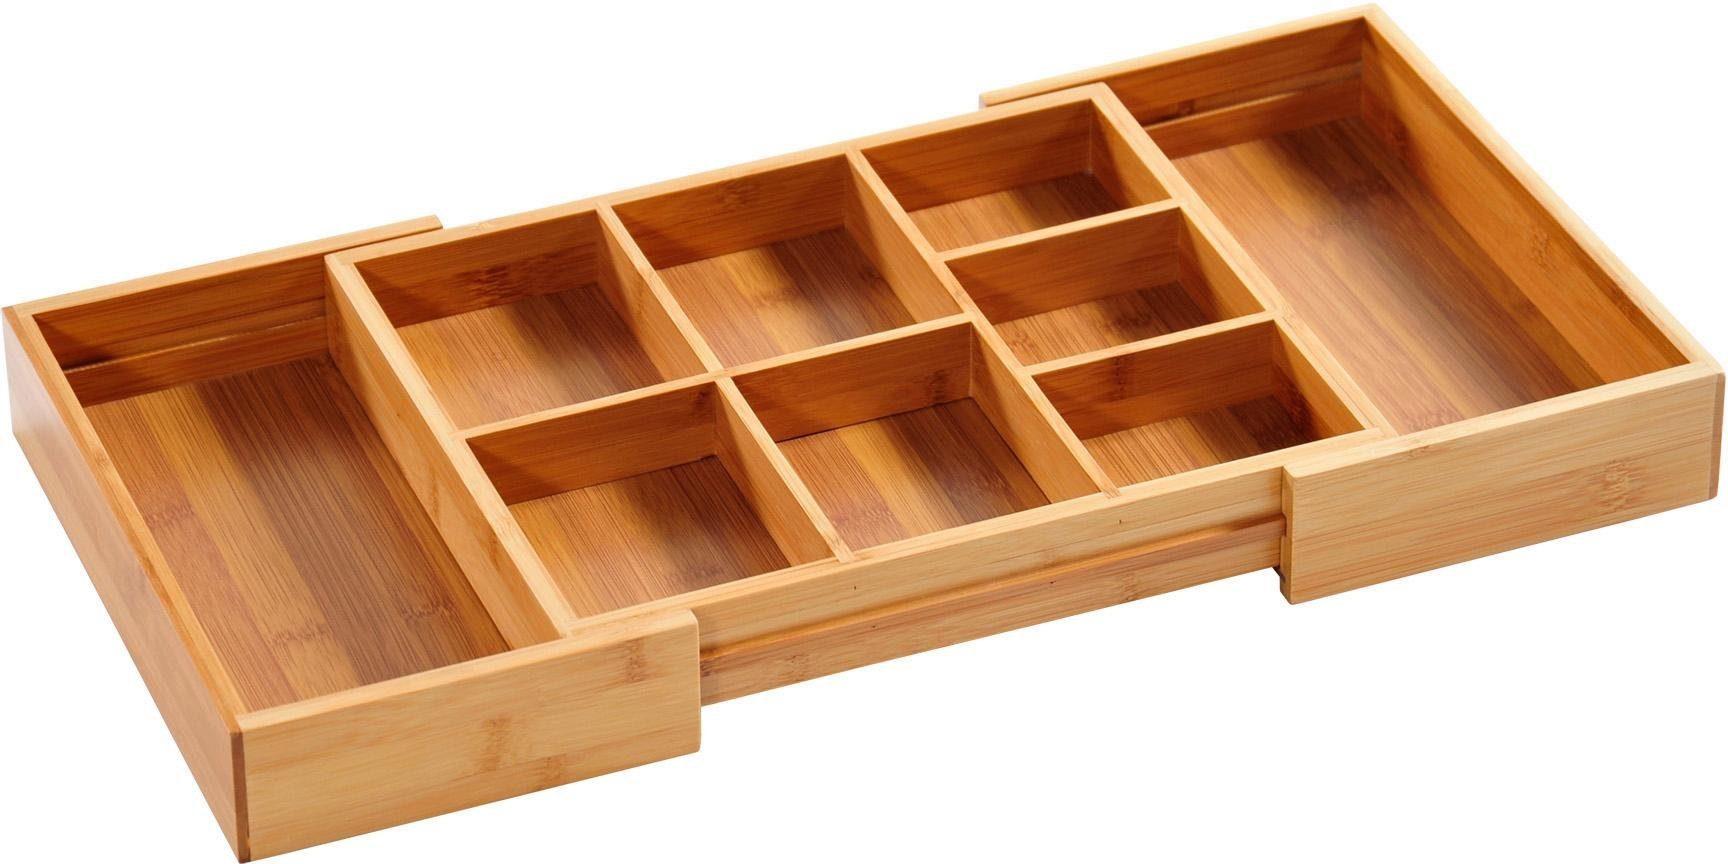 KESPER for kitchen & home Aufbewahrungsbox, doppelseitig ausziehbar beige Körbe Boxen Regal- Ordnungssysteme Küche Ordnung Aufbewahrungsbox